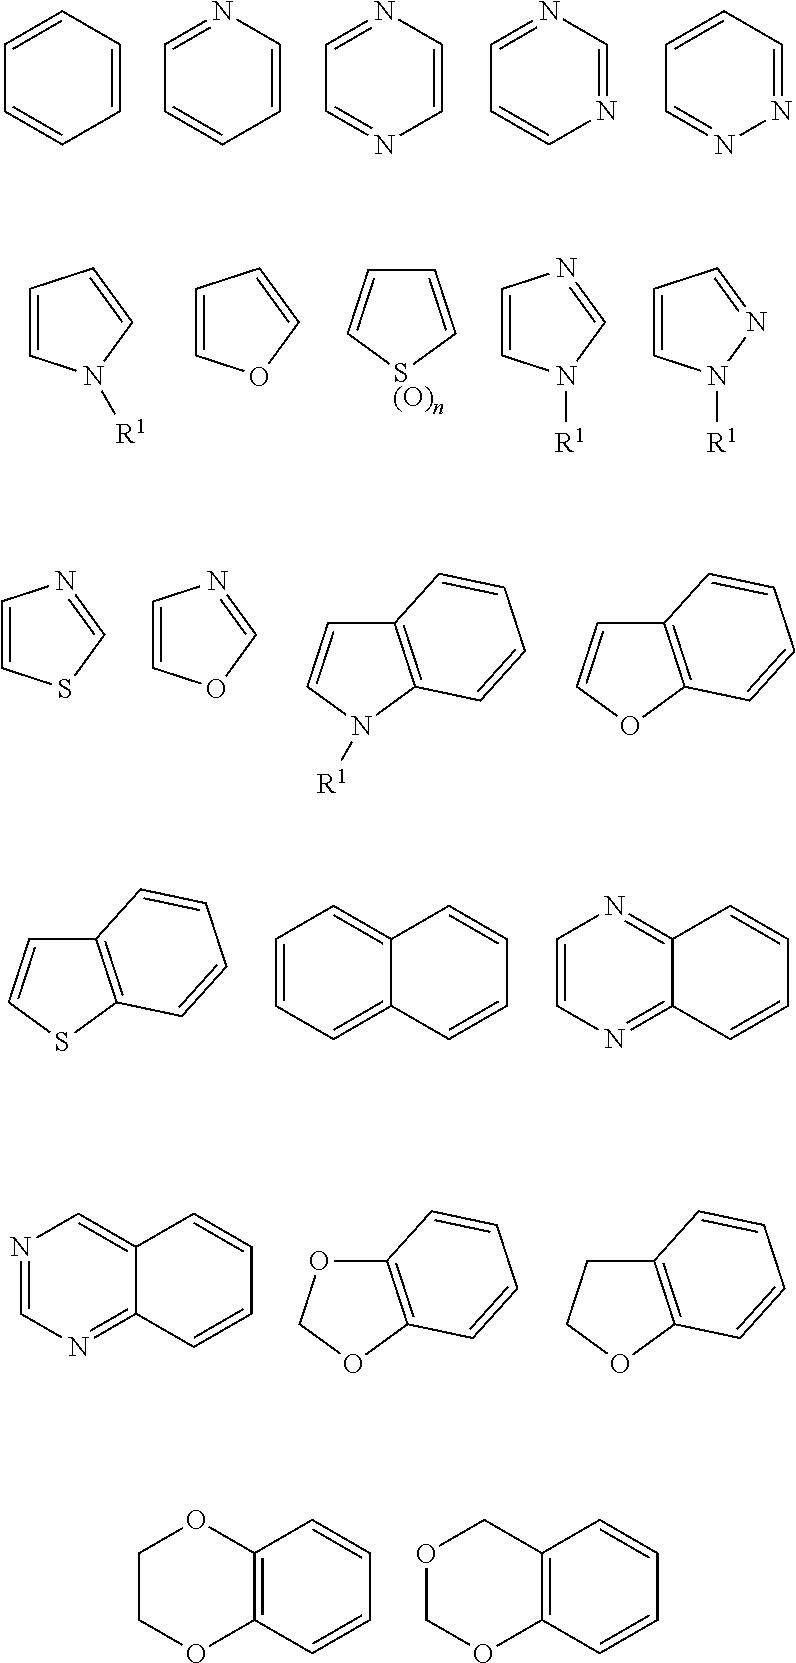 Figure US09475801-20161025-C00012